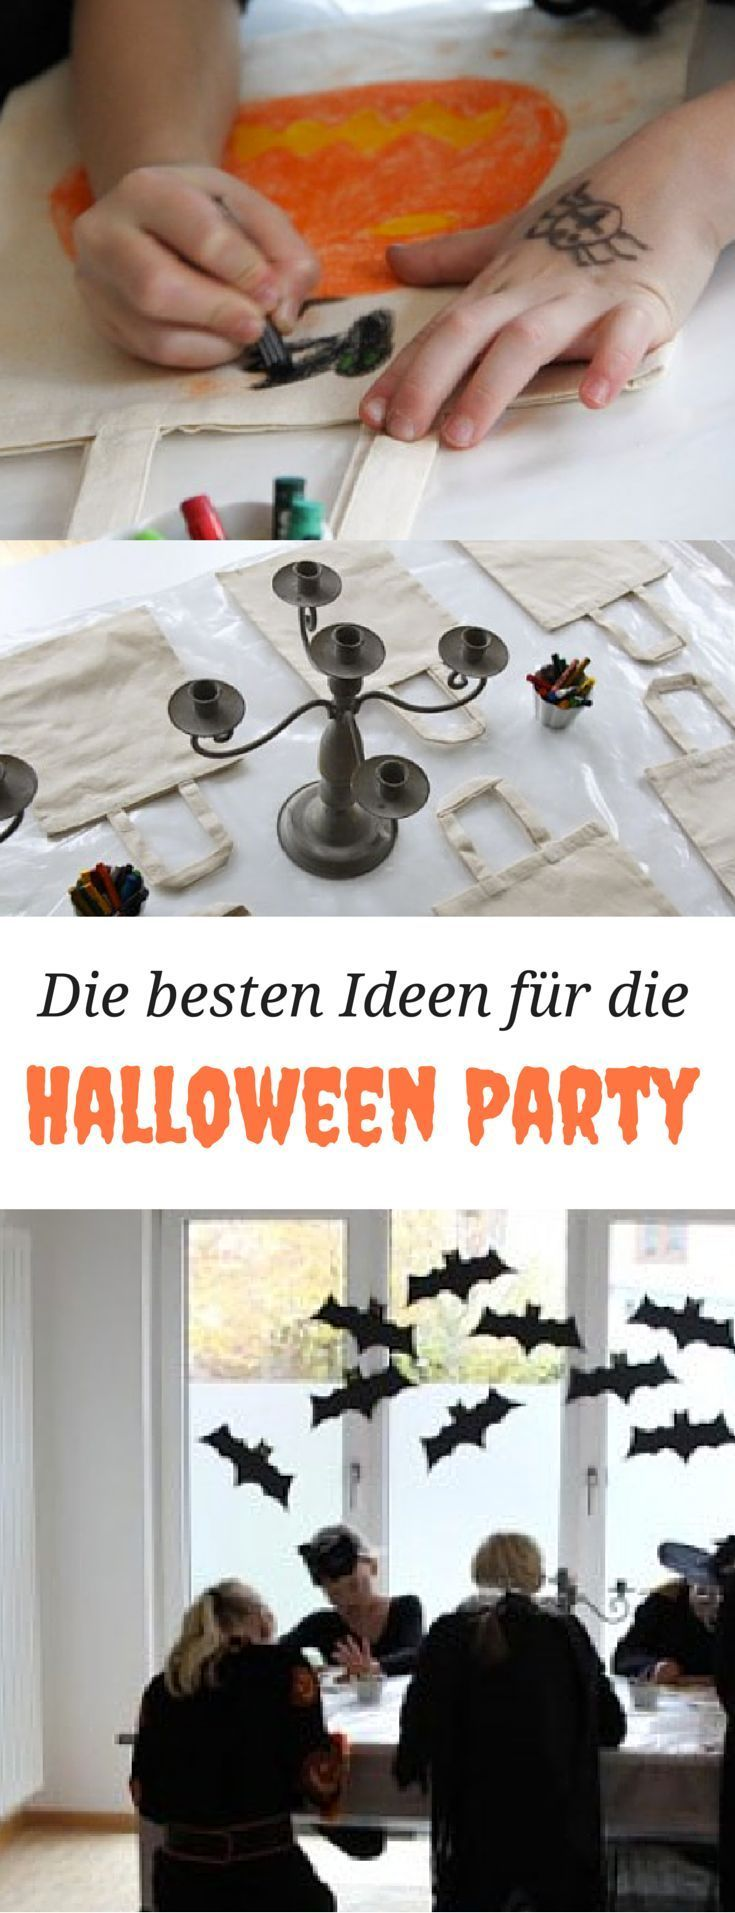 Ideen für eine Halloweenparty